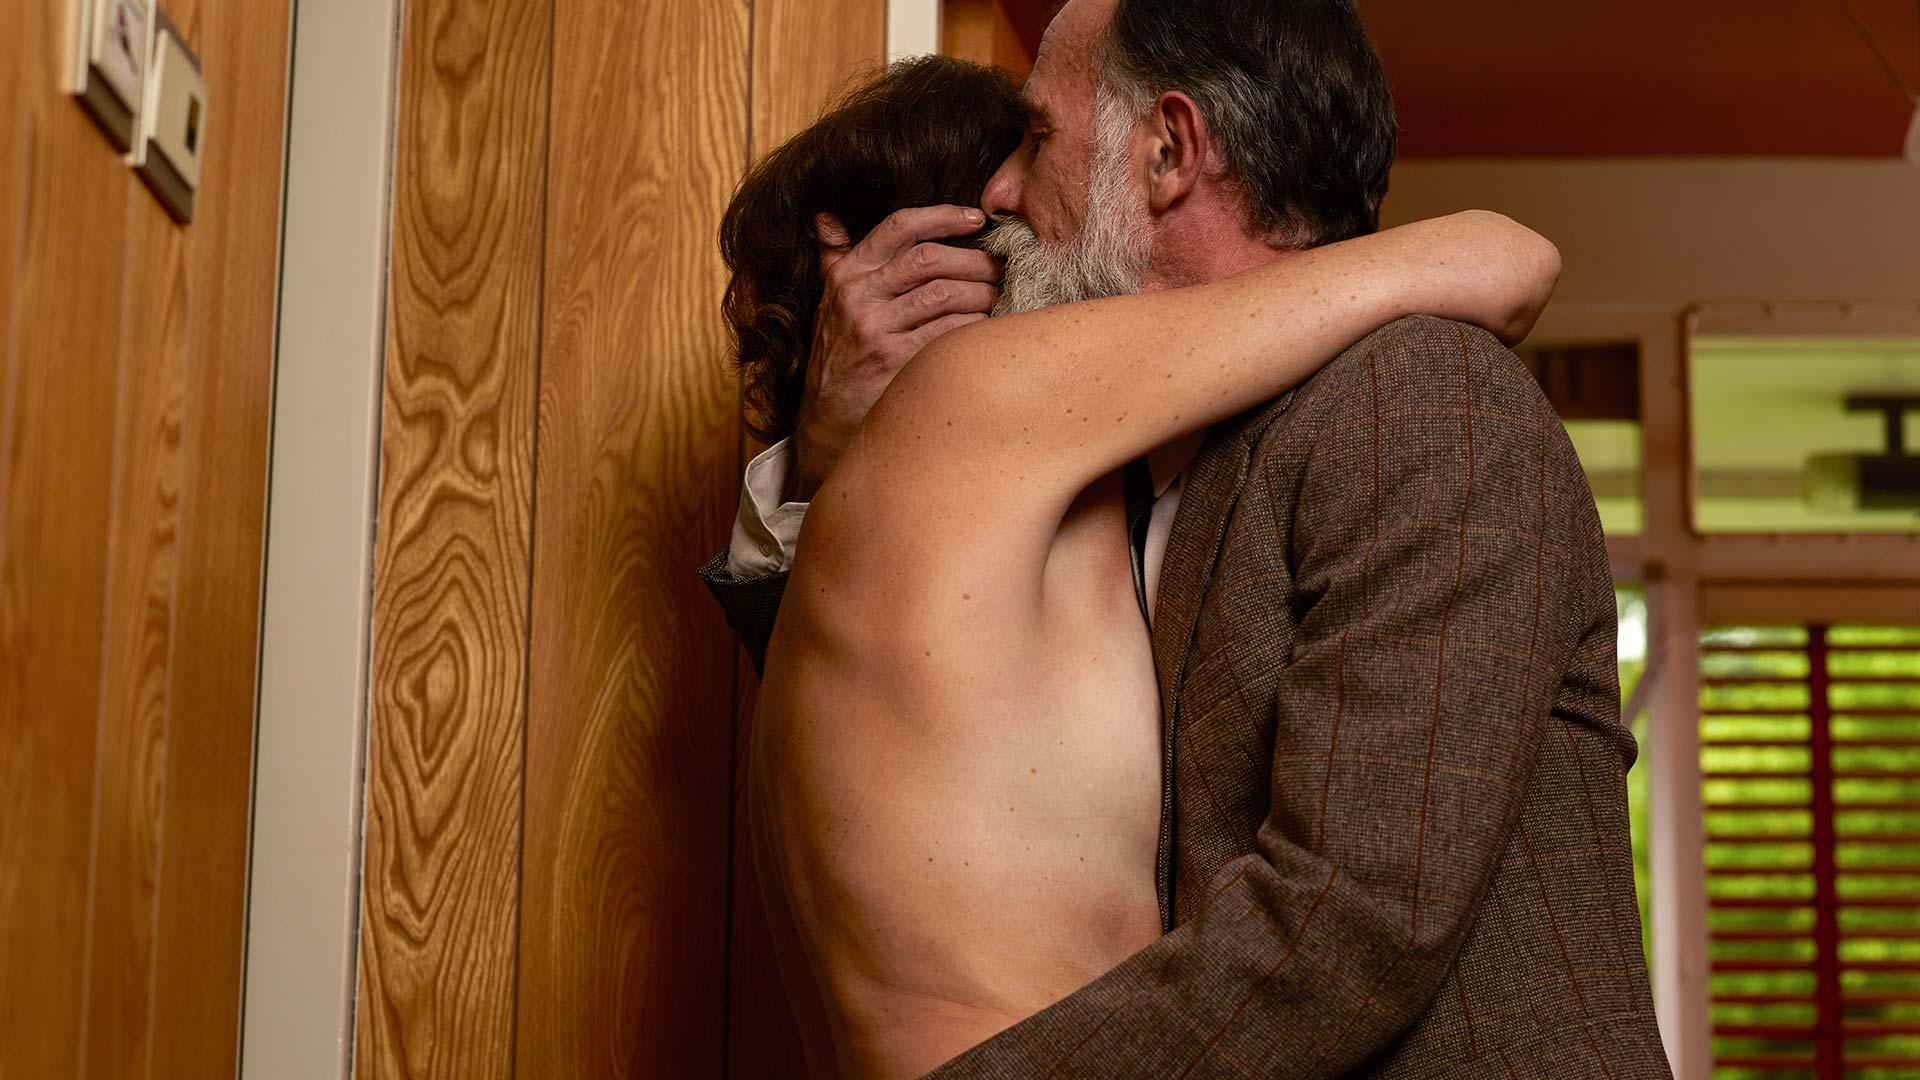 Fotografías de sexo durante la tercera edad para entender a Freud en el amor